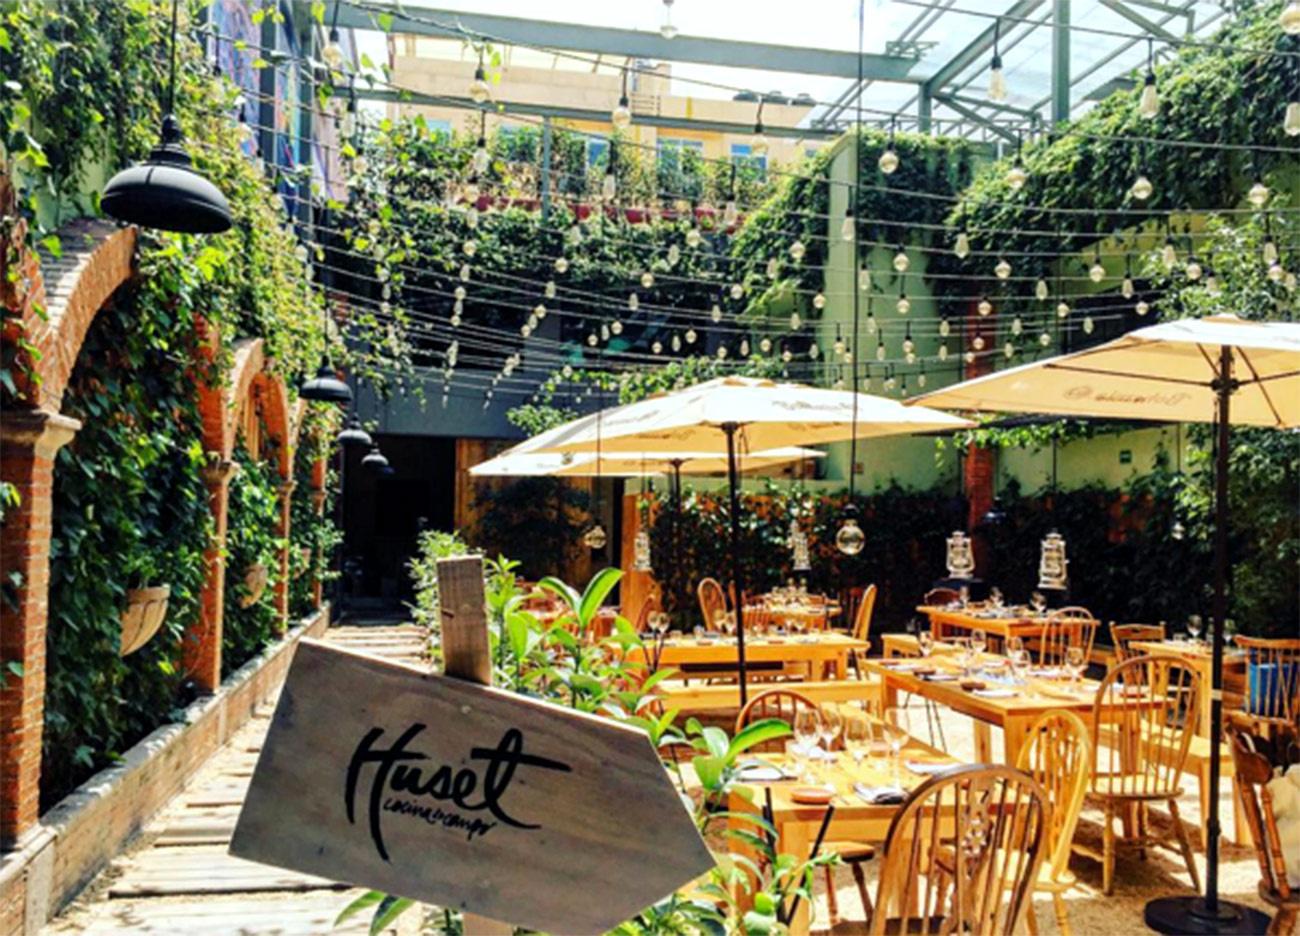 restaurantes_para_festejar_ano_nuevo_en_la_ciudad_967610276_1300x936